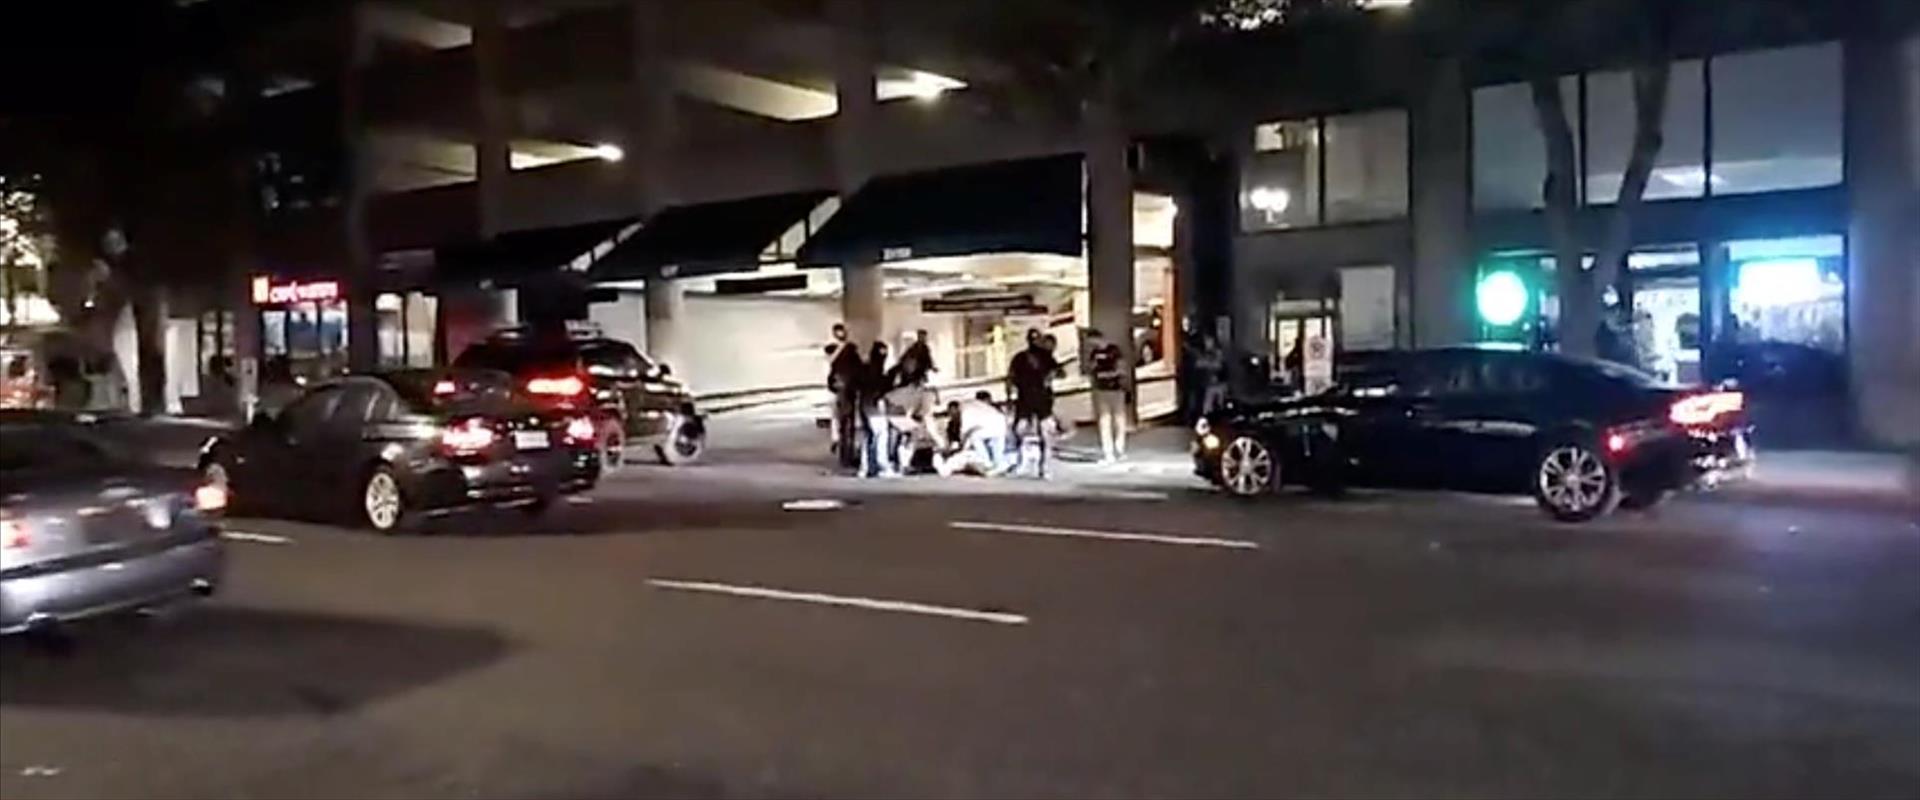 אנשים מקיפים את ההרוג מהירי בפורטלנד, אתמול